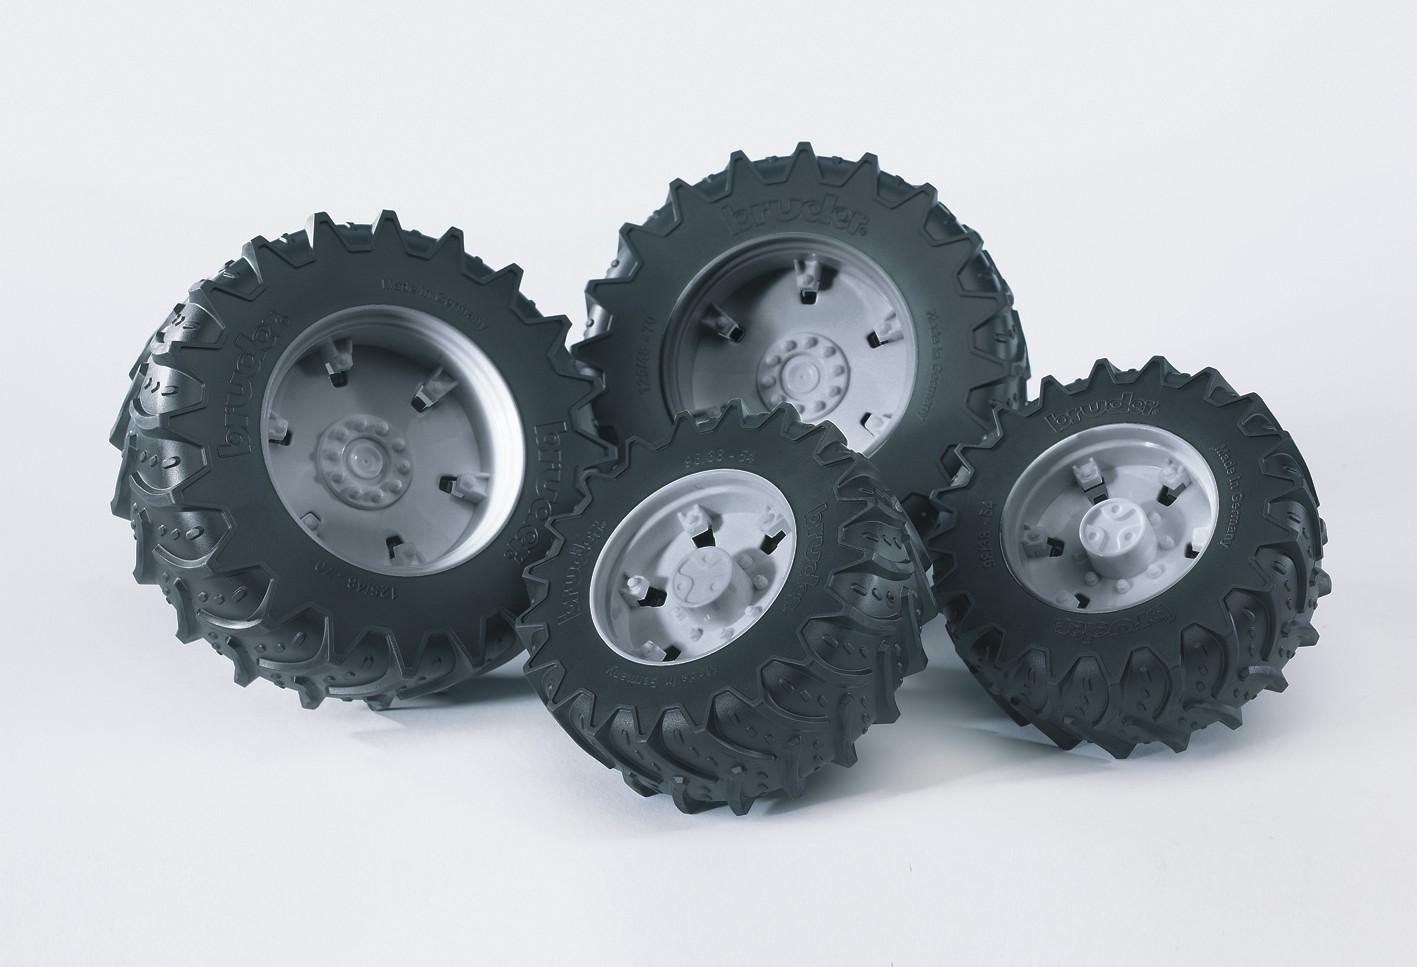 Шины для системы сдвоенных колес с серыми дискамиАксессуары<br>Шины для системы сдвоенных колес с серыми дисками<br>